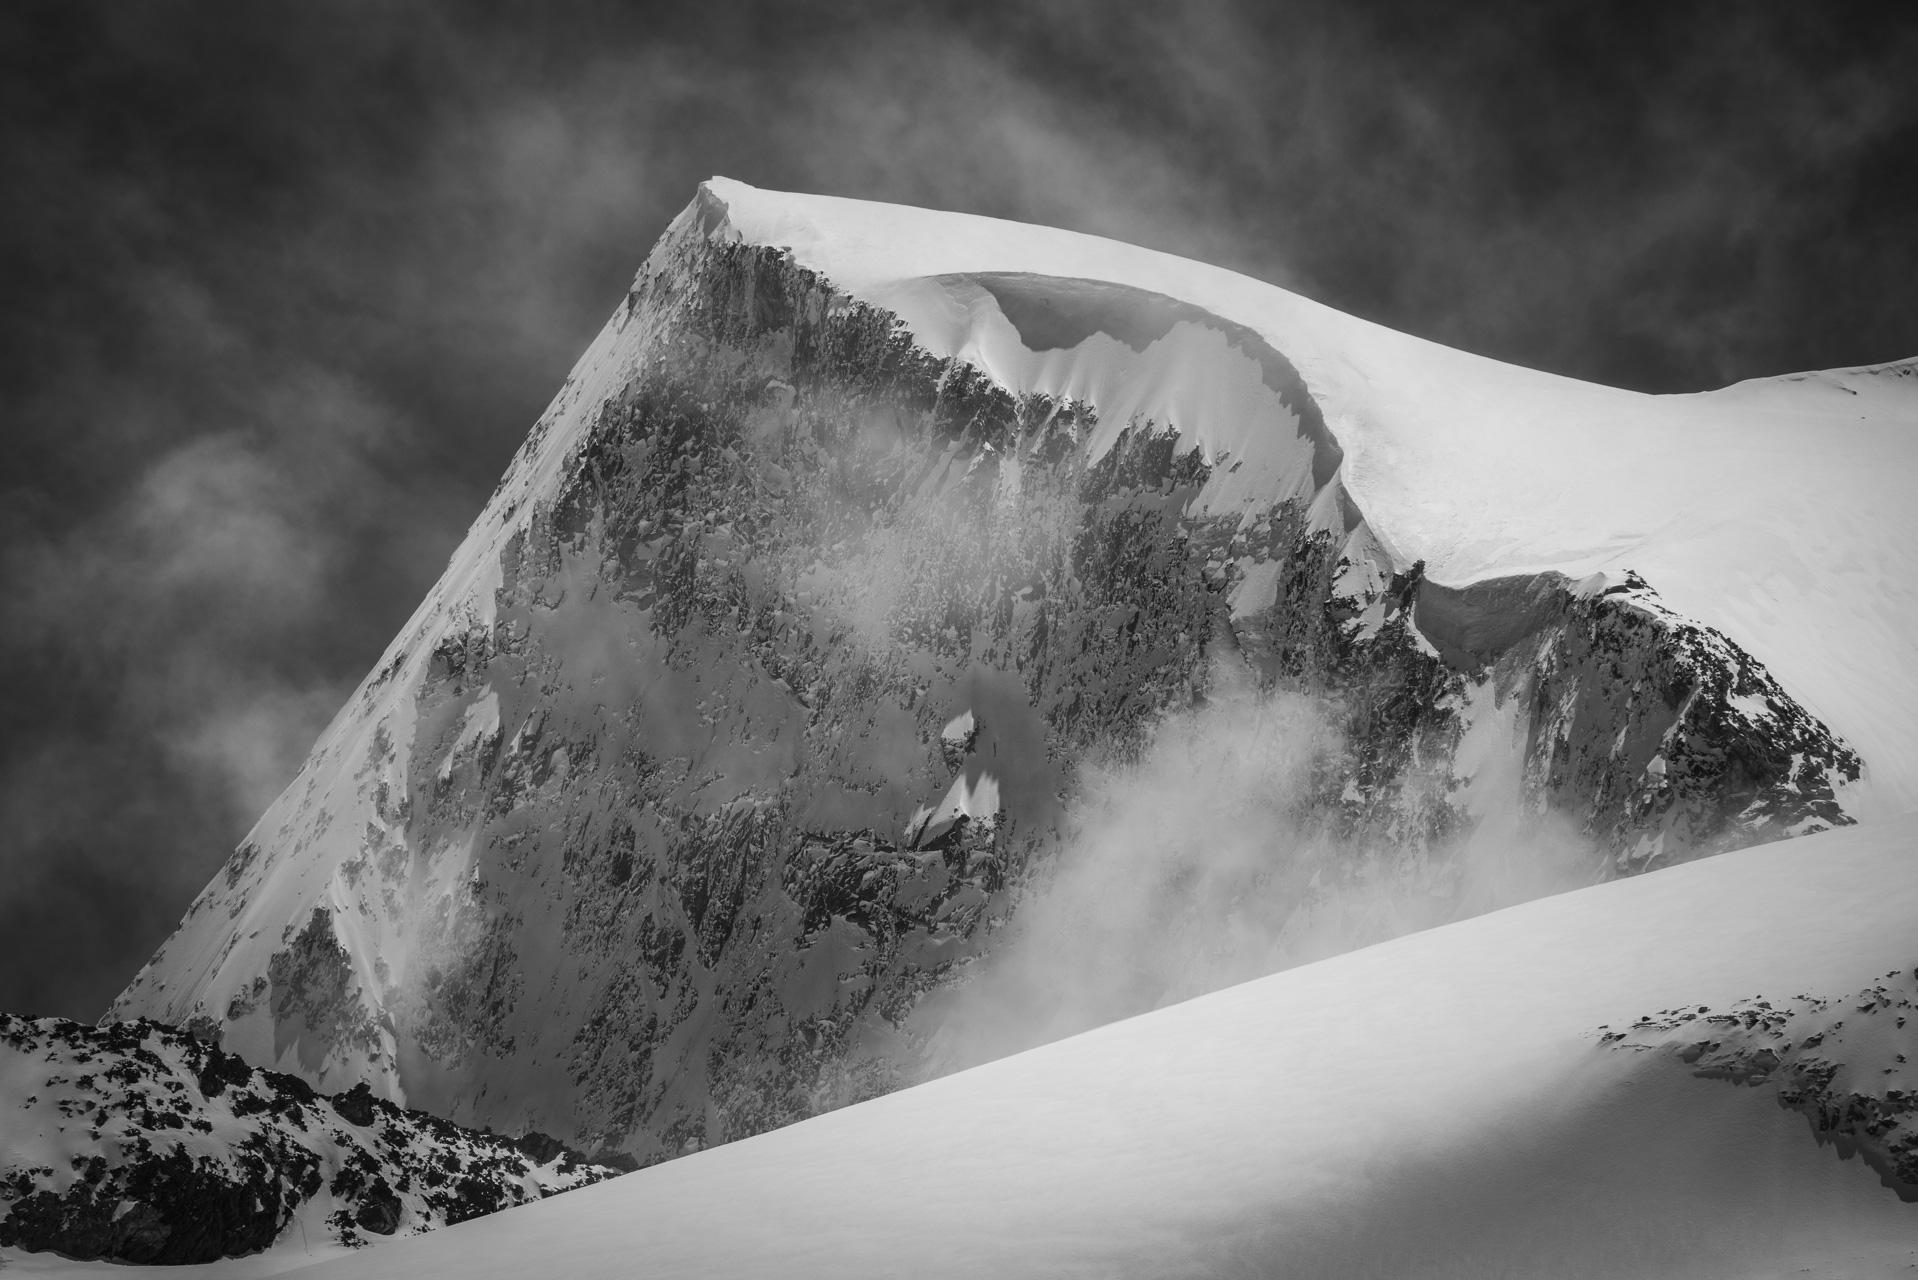 Val d'hérens - photo paysage de montagne Pigne d'Arolla